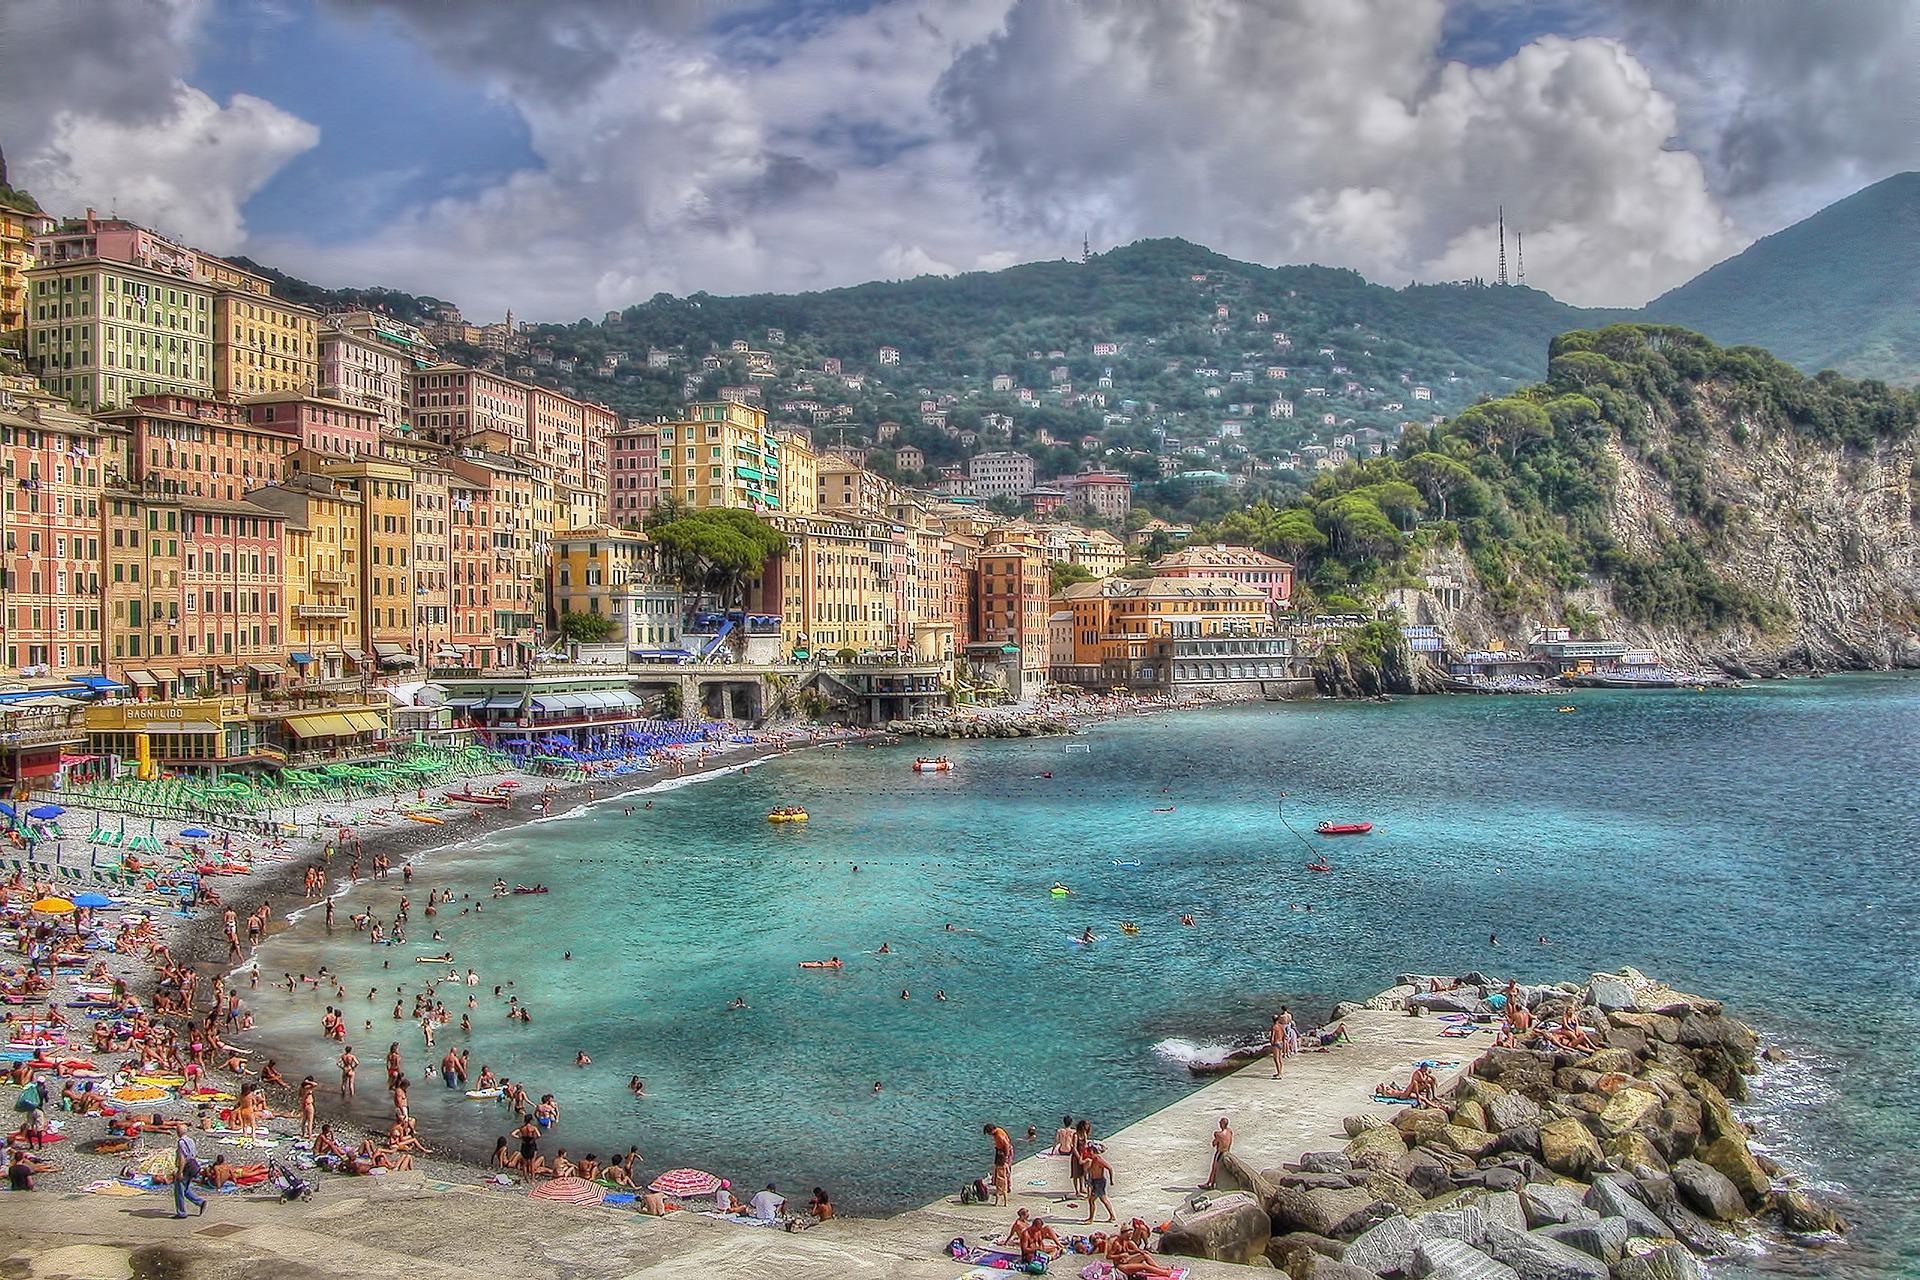 Typowa włoska plaża – praktyczne informacje przed wakacjami